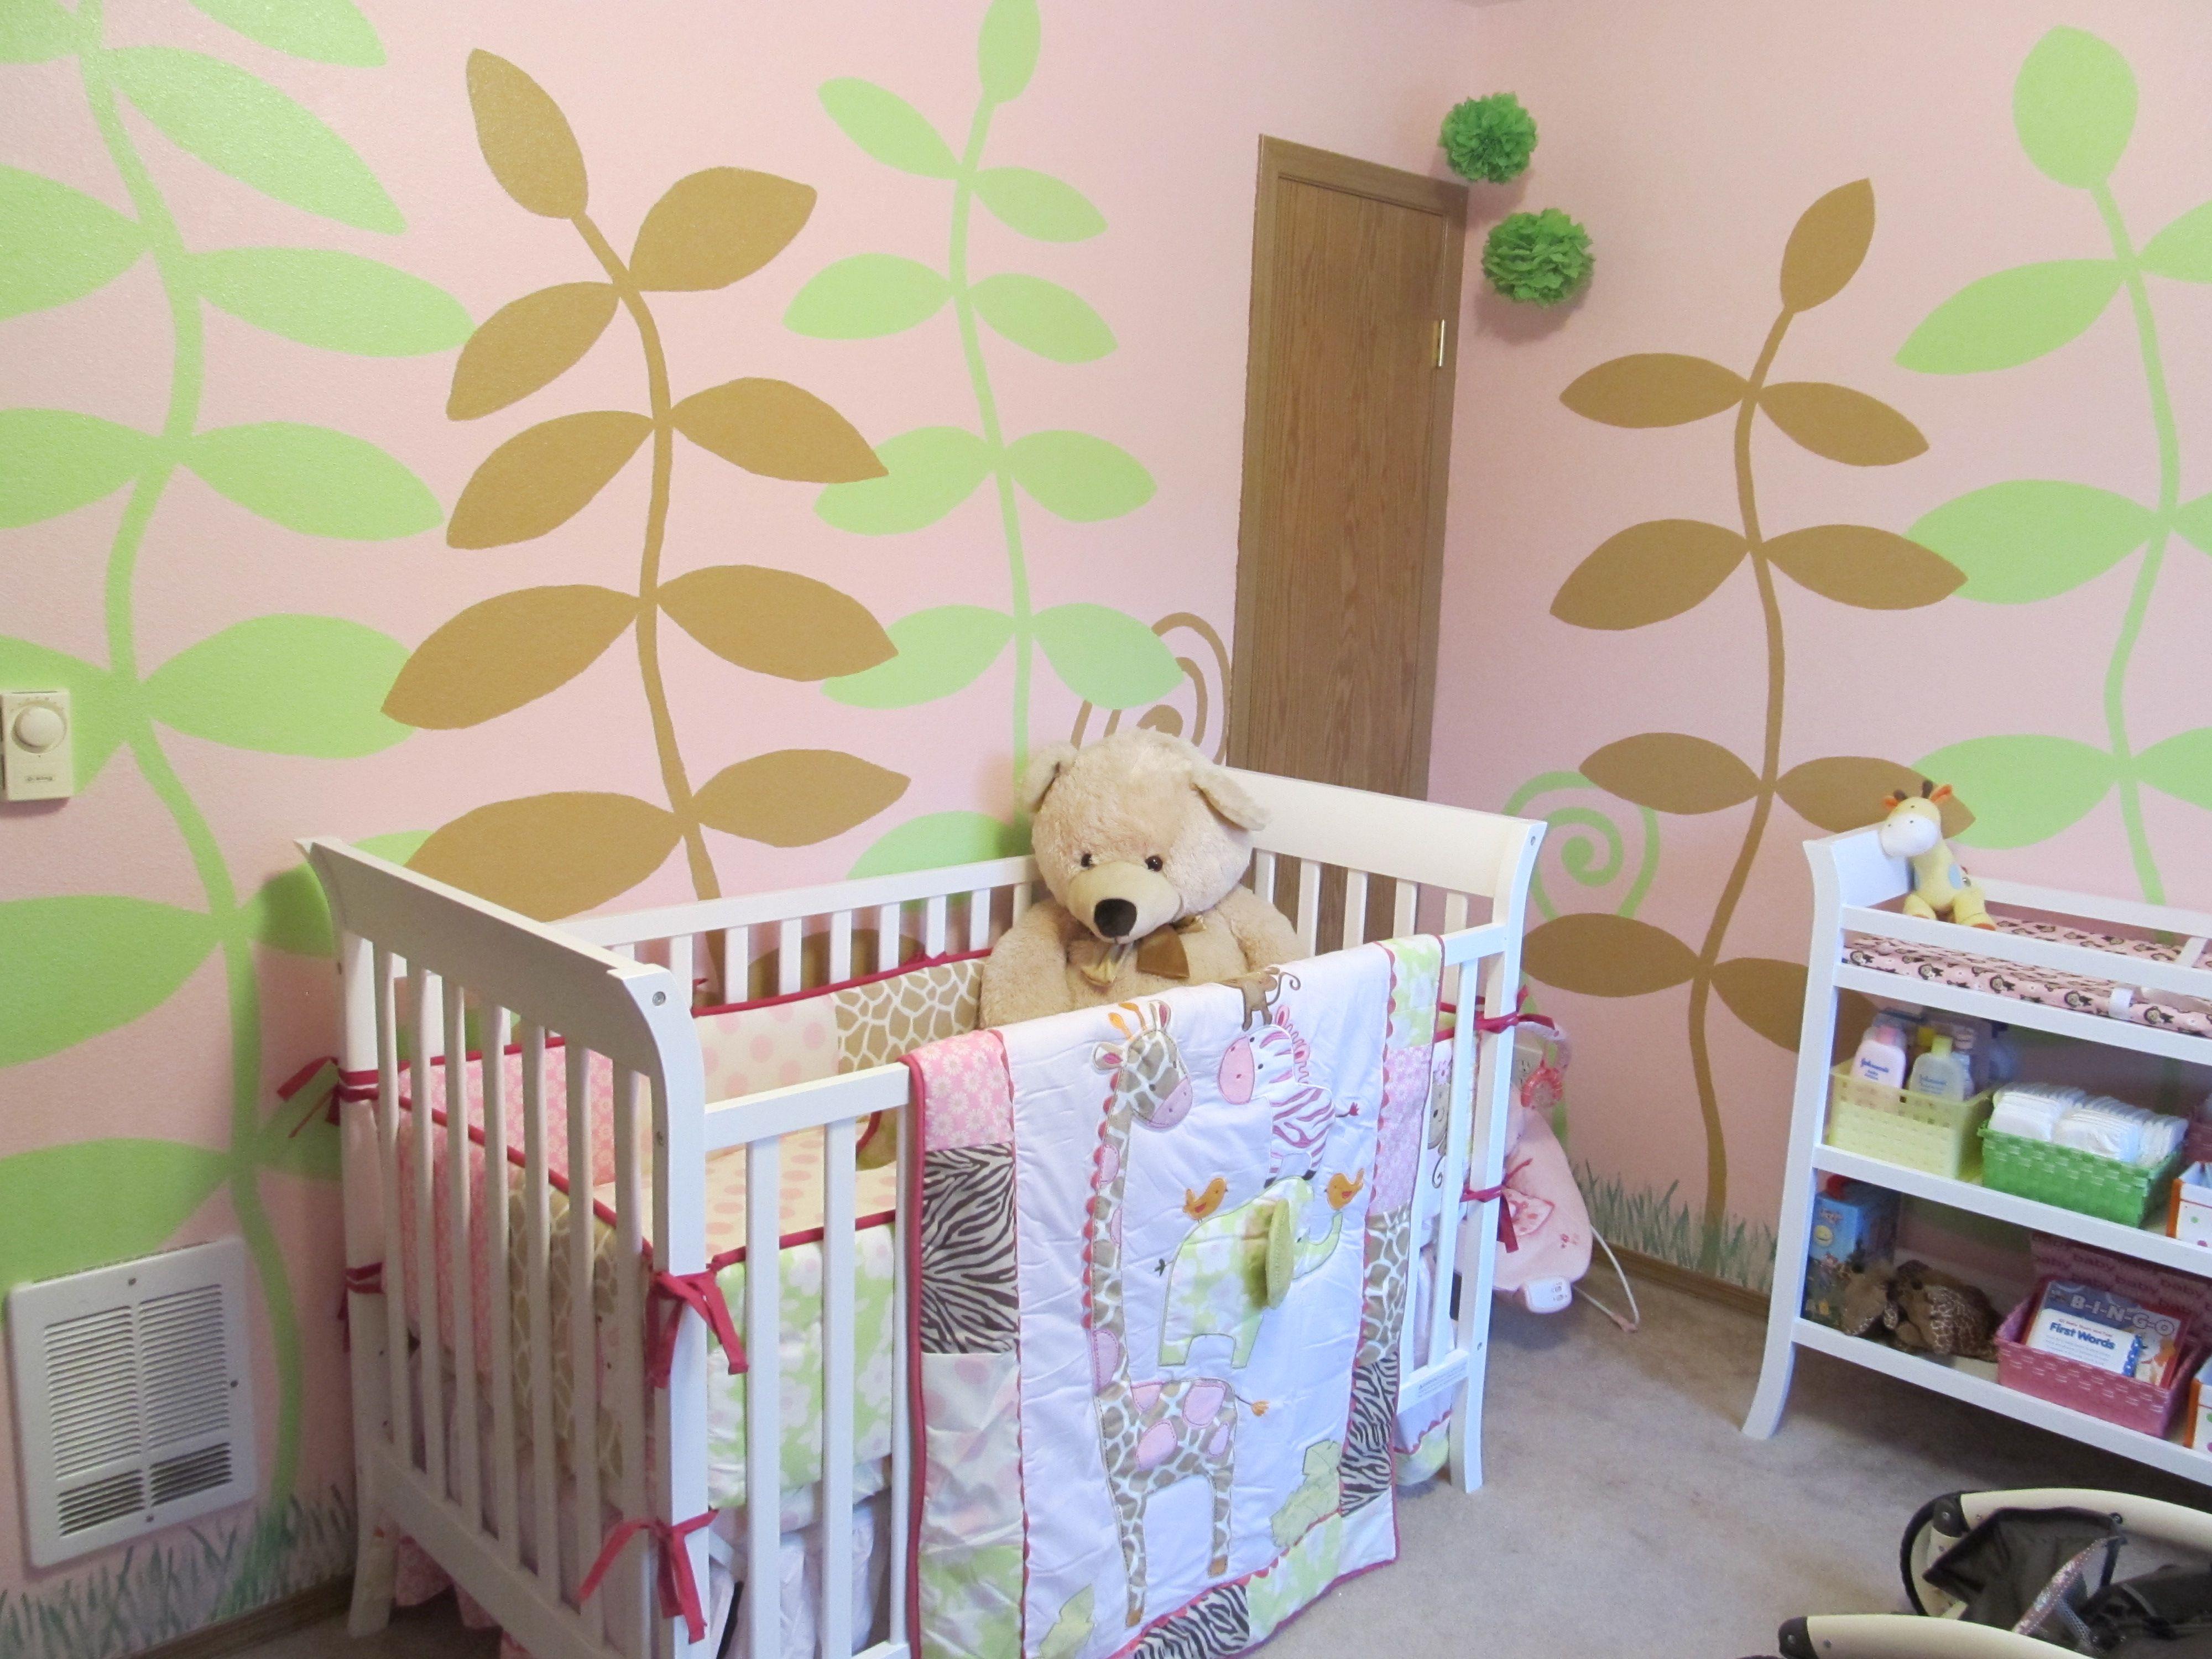 My daughter's nursery